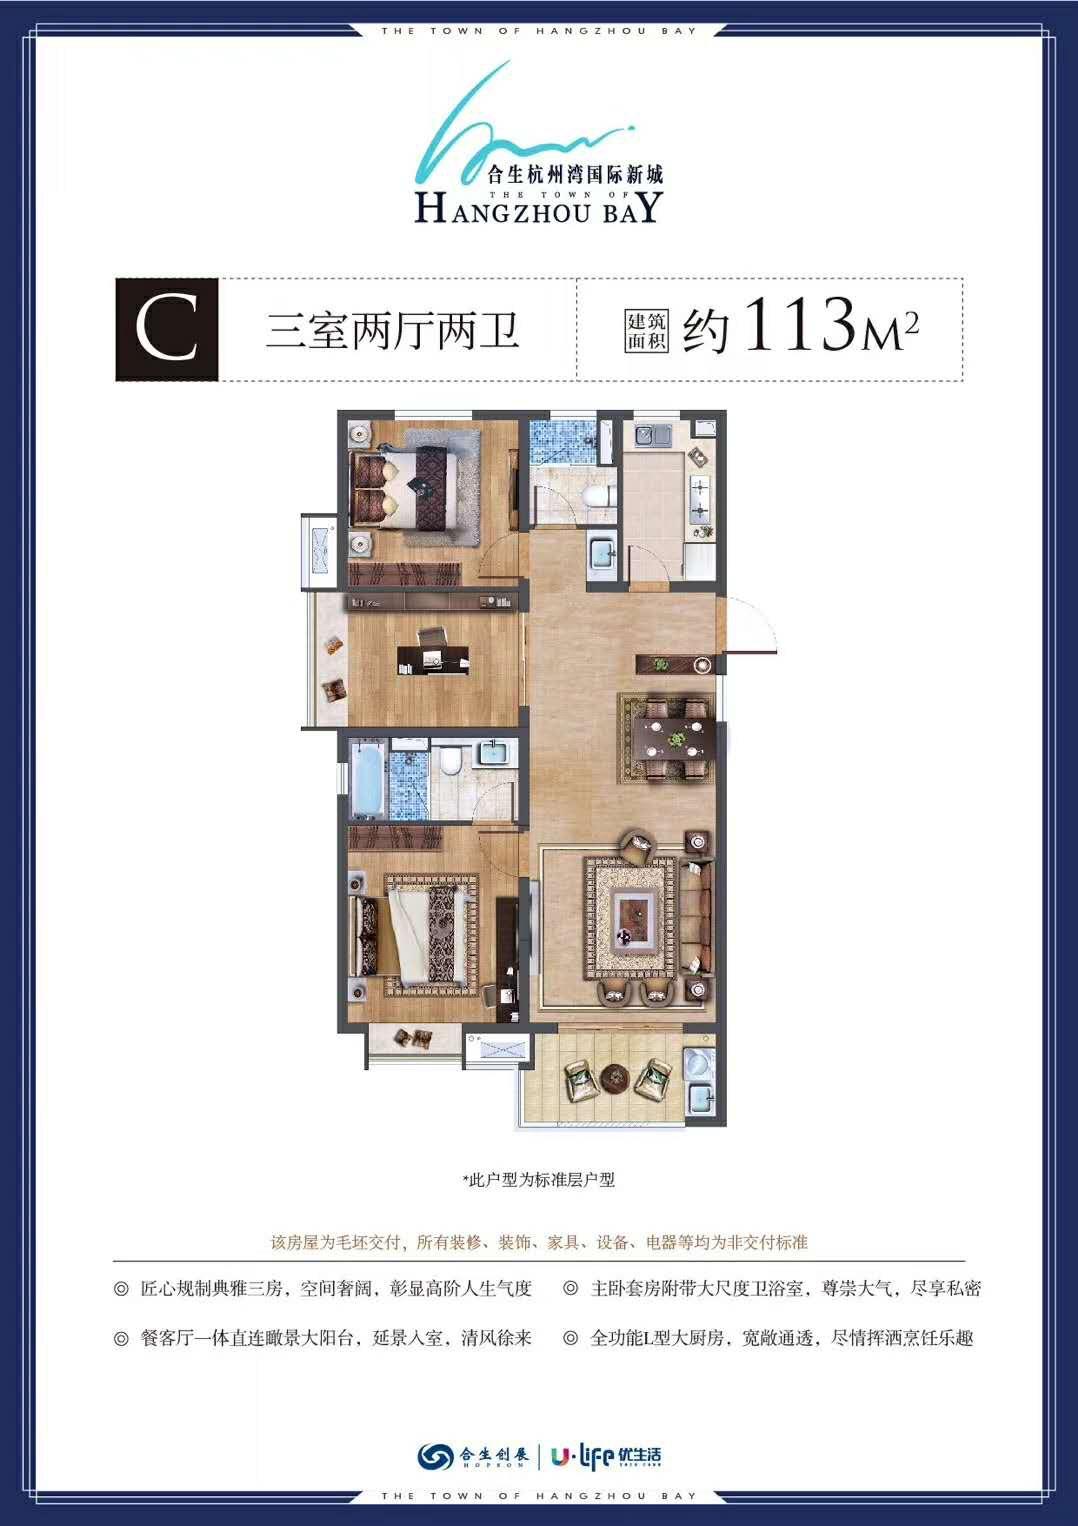 合生杭州湾国际新城户型-小柯网